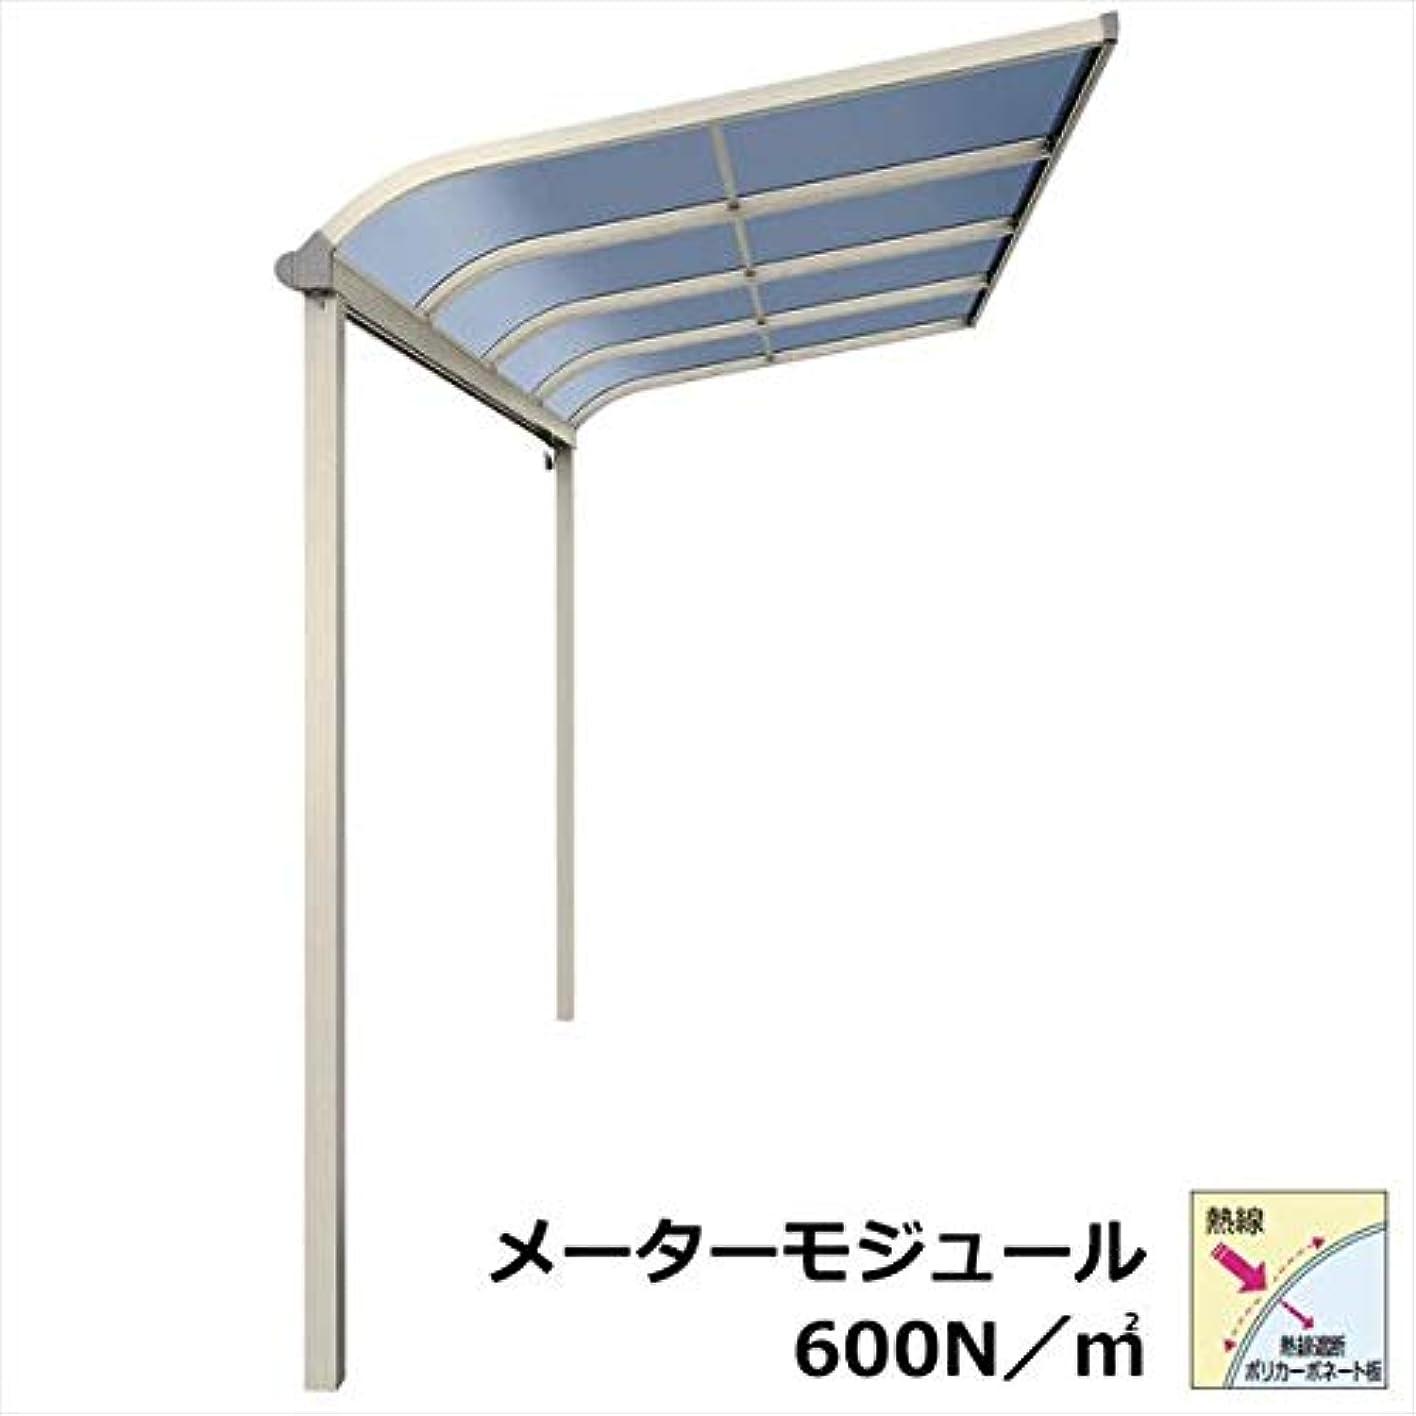 こしょうマッシュ程度YKKAP テラス屋根 ソラリア 3.5間×10尺 柱標準タイプ メーターモジュール アール型 600N/m2 熱線遮断ポリカ屋根 2連結 標準柱 積雪20cm仕様 プラチナステン